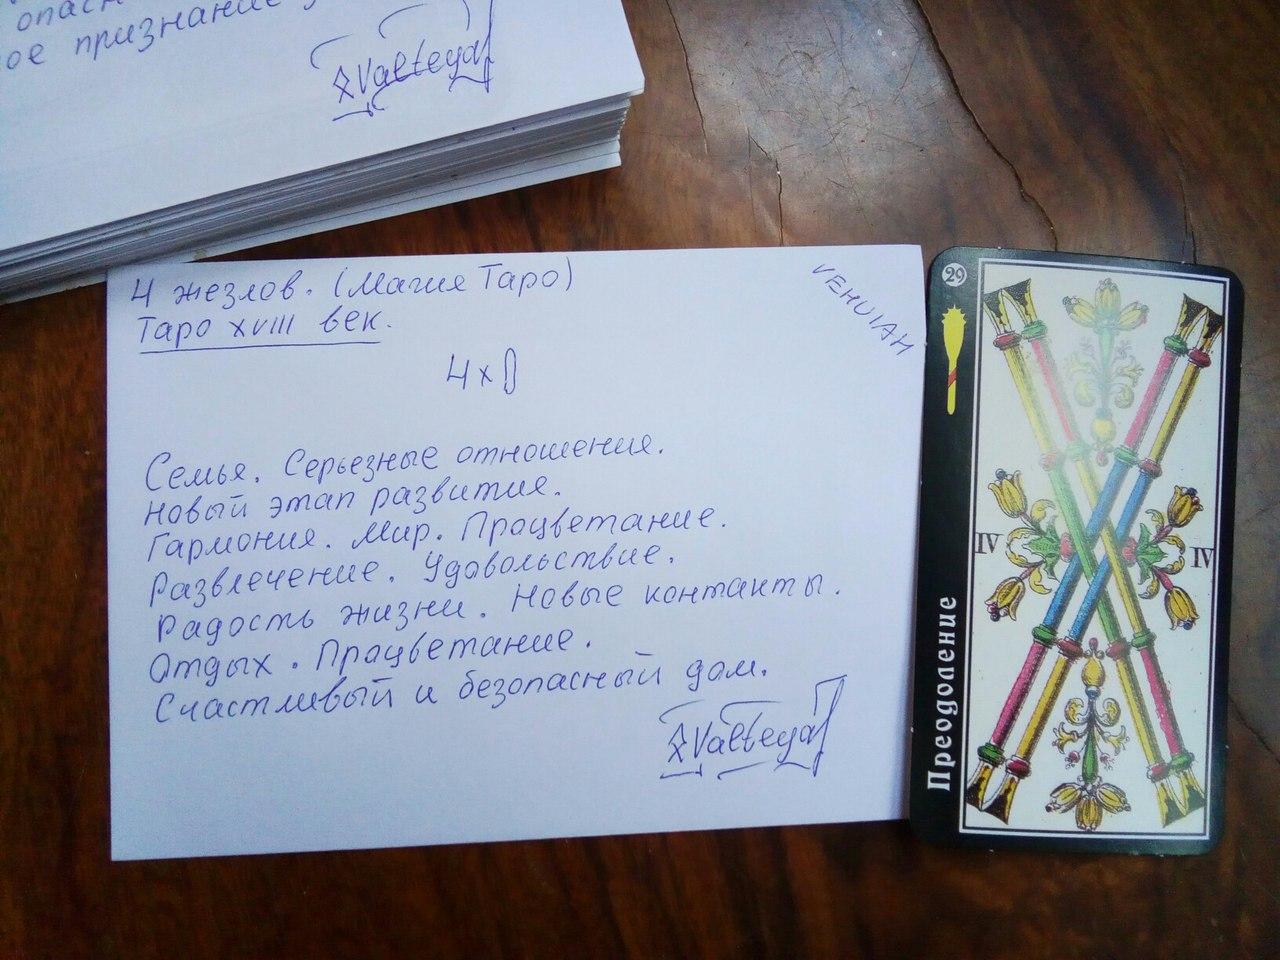 Рунограмма - Конверты с магическими программами от Елены Руденко. Ставы, символы, руническая магия.  - Страница 6 C6tOh1vt95g